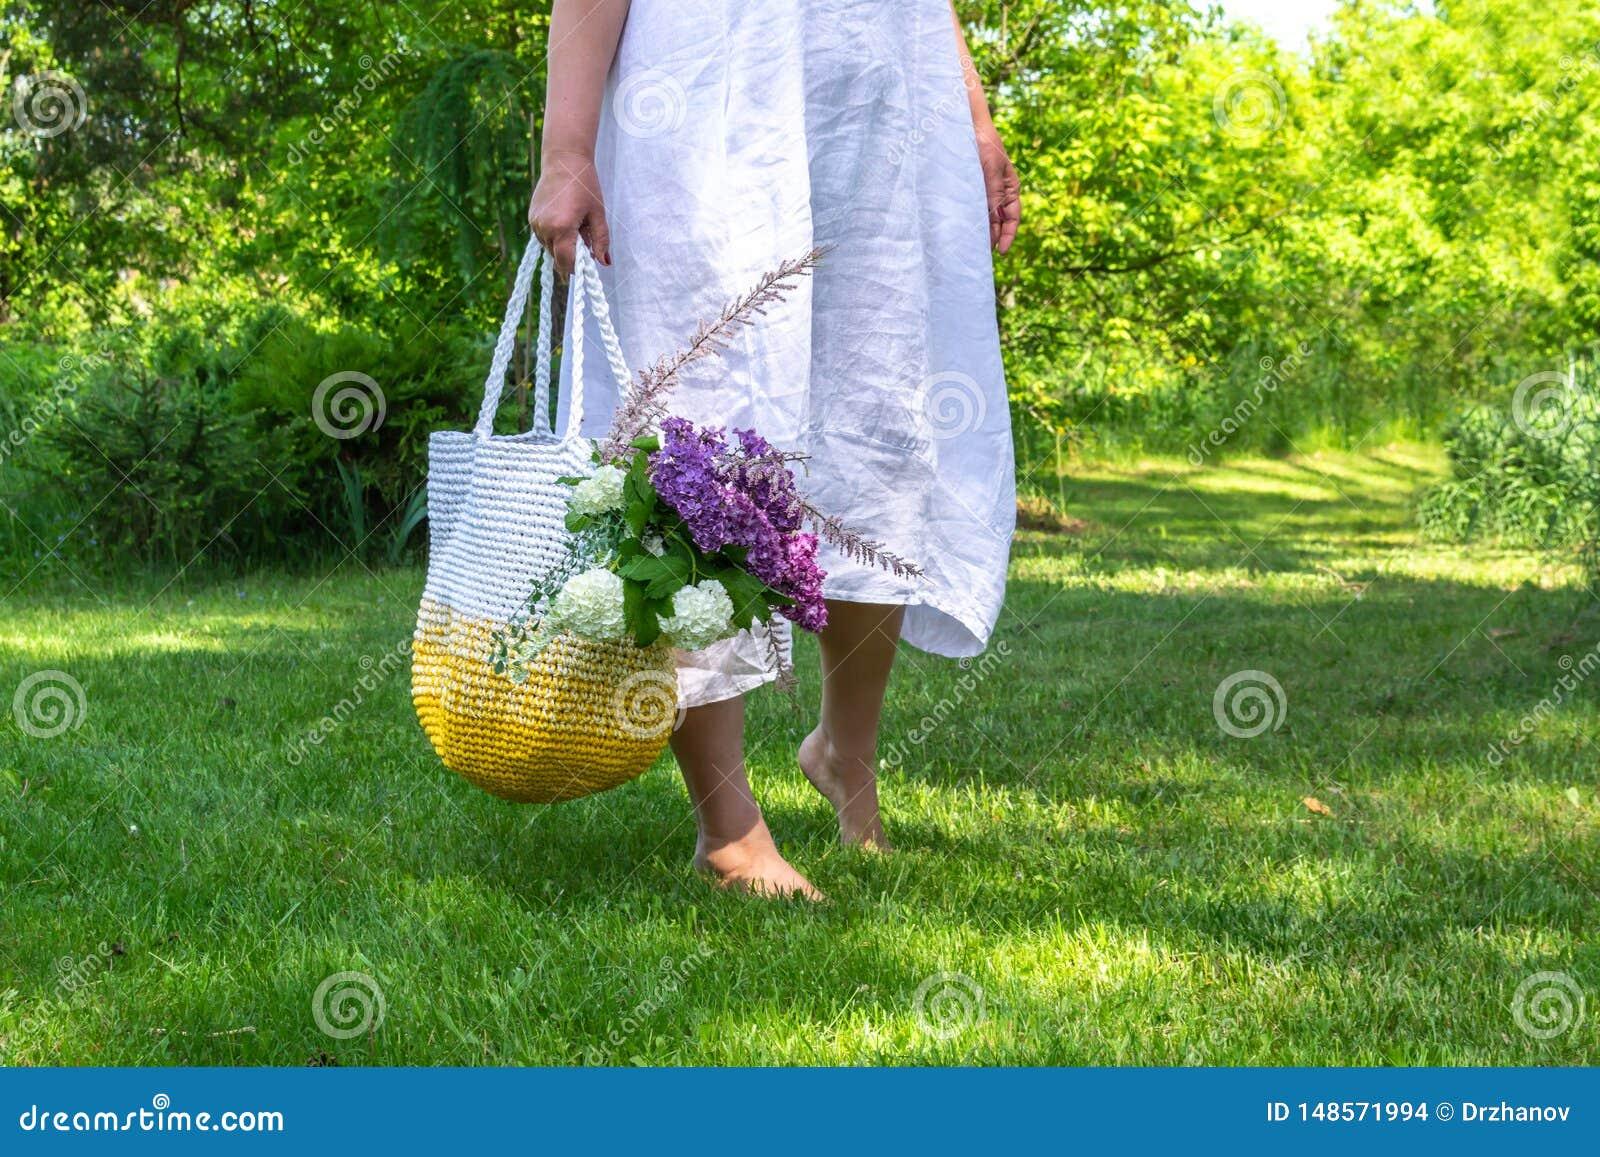 Mittelalterfrau im weißen einfachen Leinenkleid bleibt barfuß auf dem Gras im schönen Garten und hält gestrickte weiß-gelbe Tasch